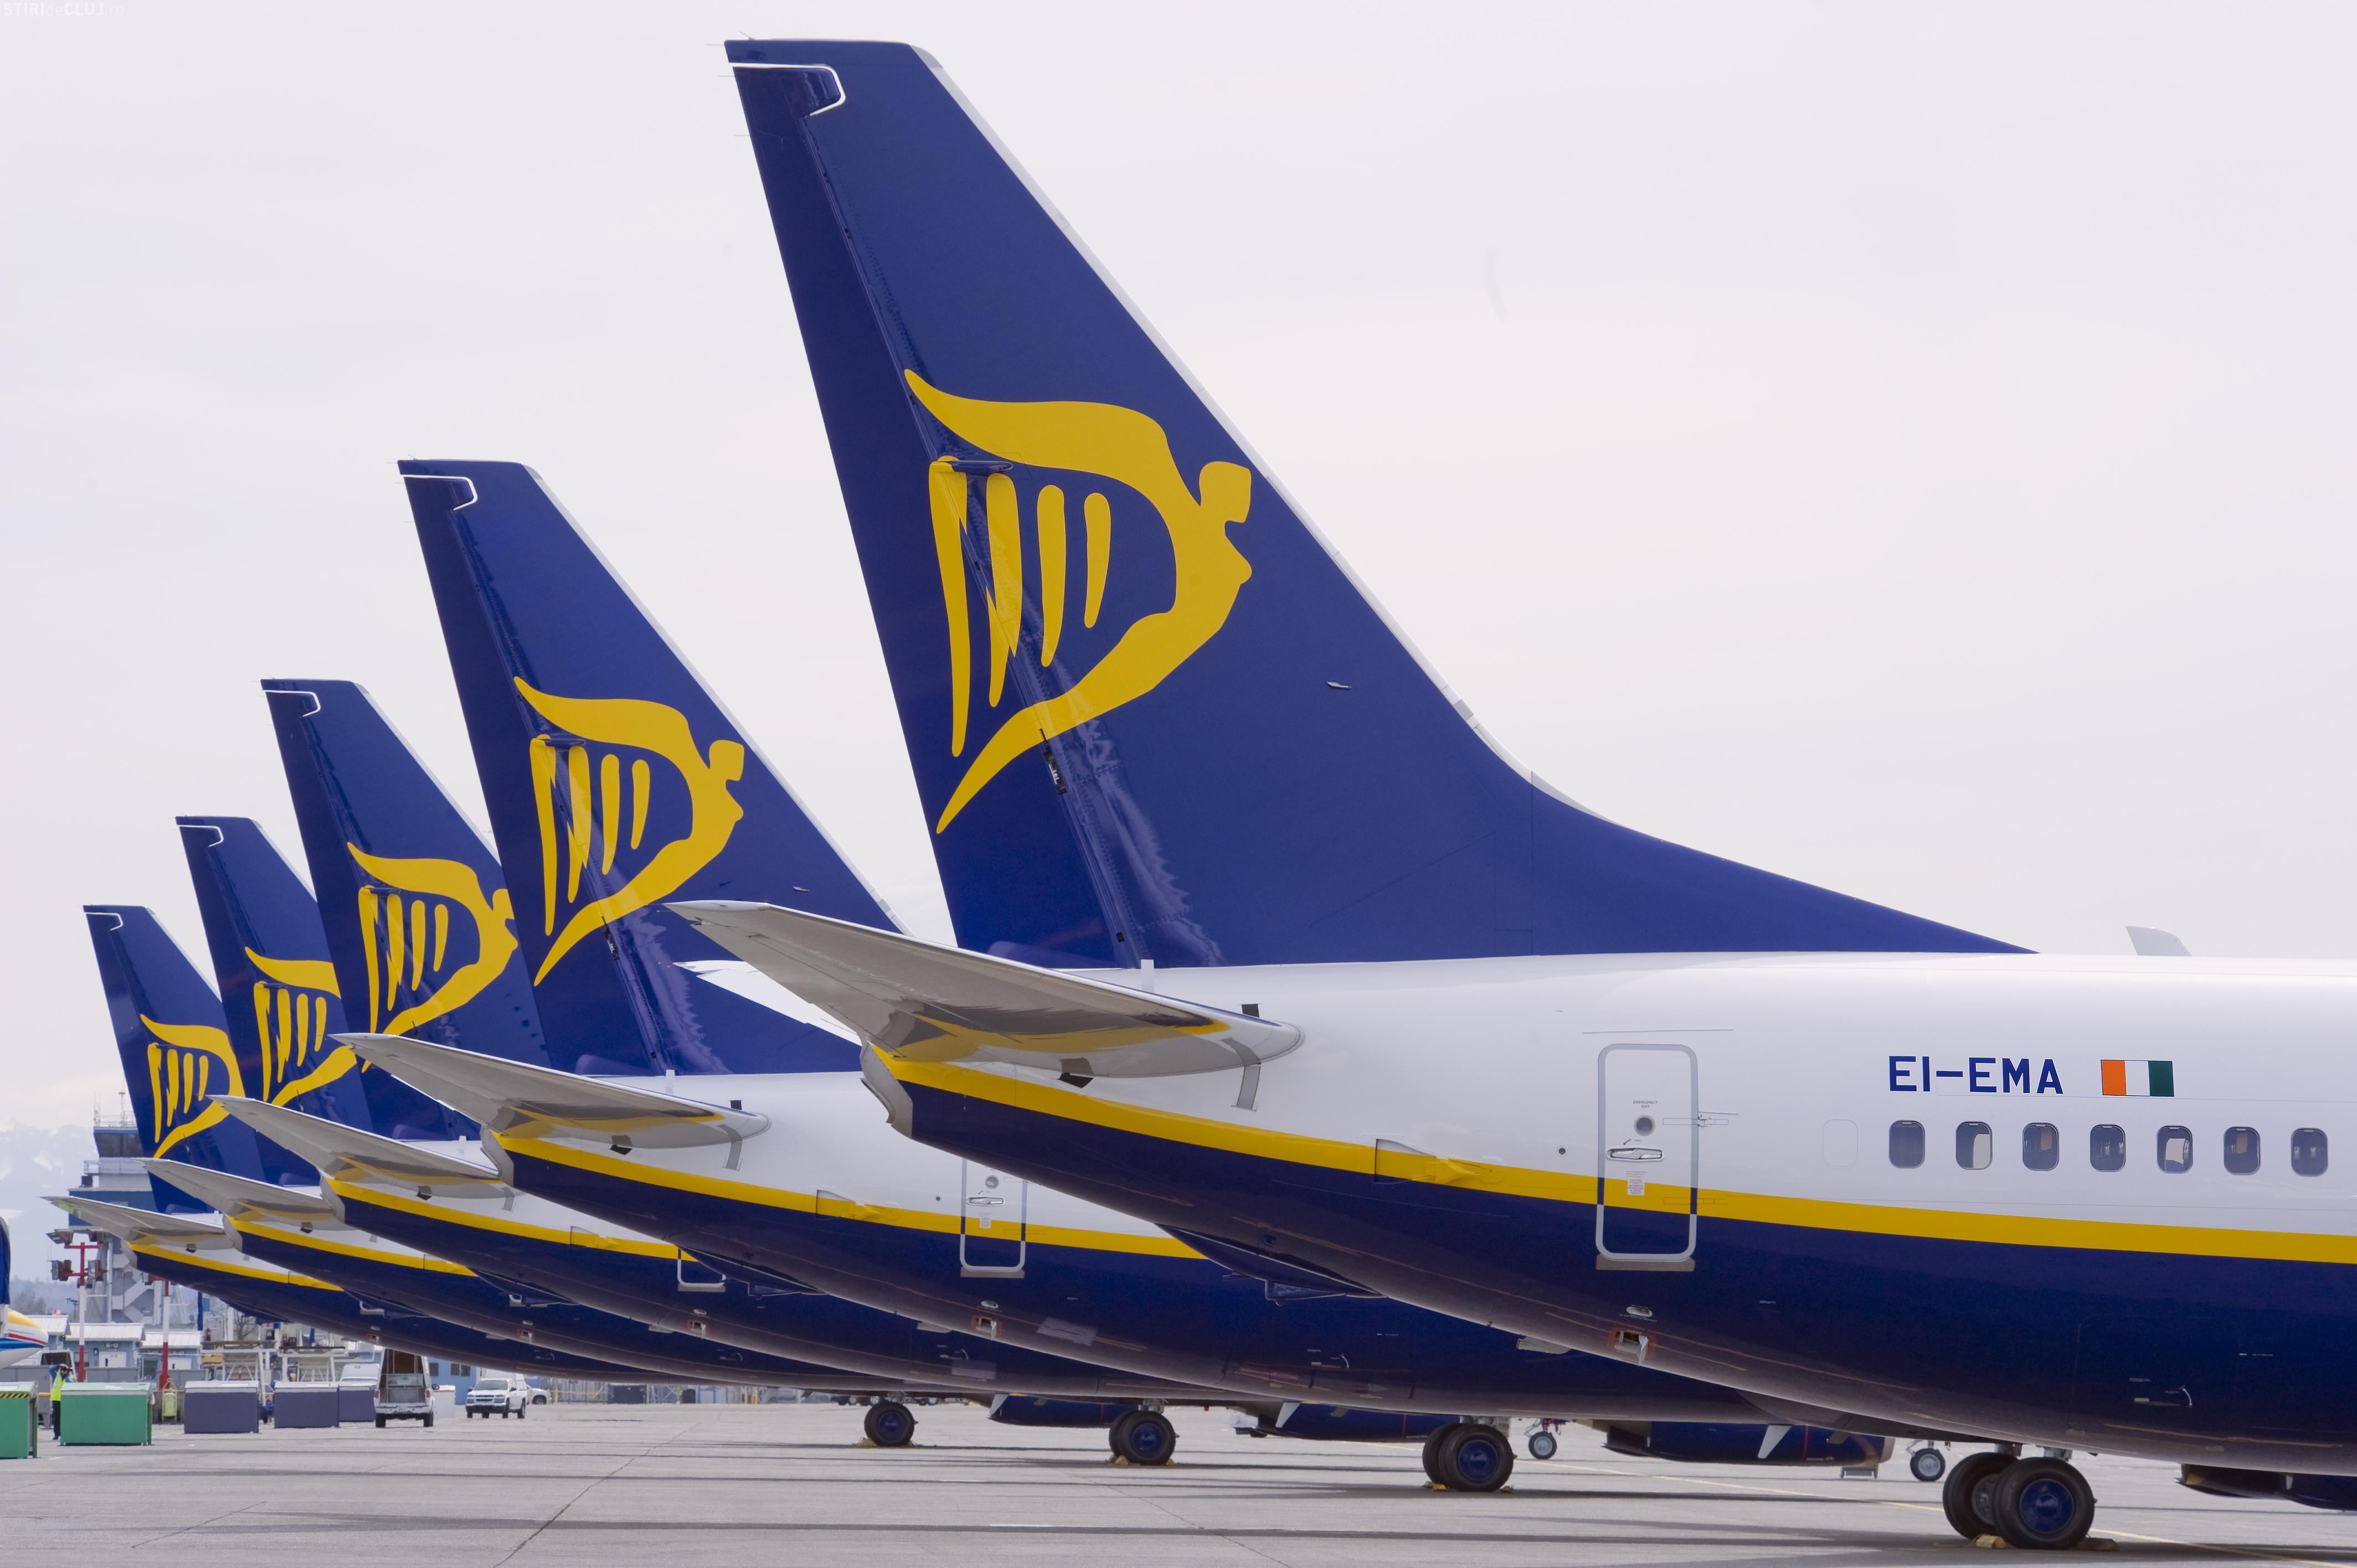 Ryanair e în război cu Wizz Air și easyjet. Se anunță reduceri de prețuri